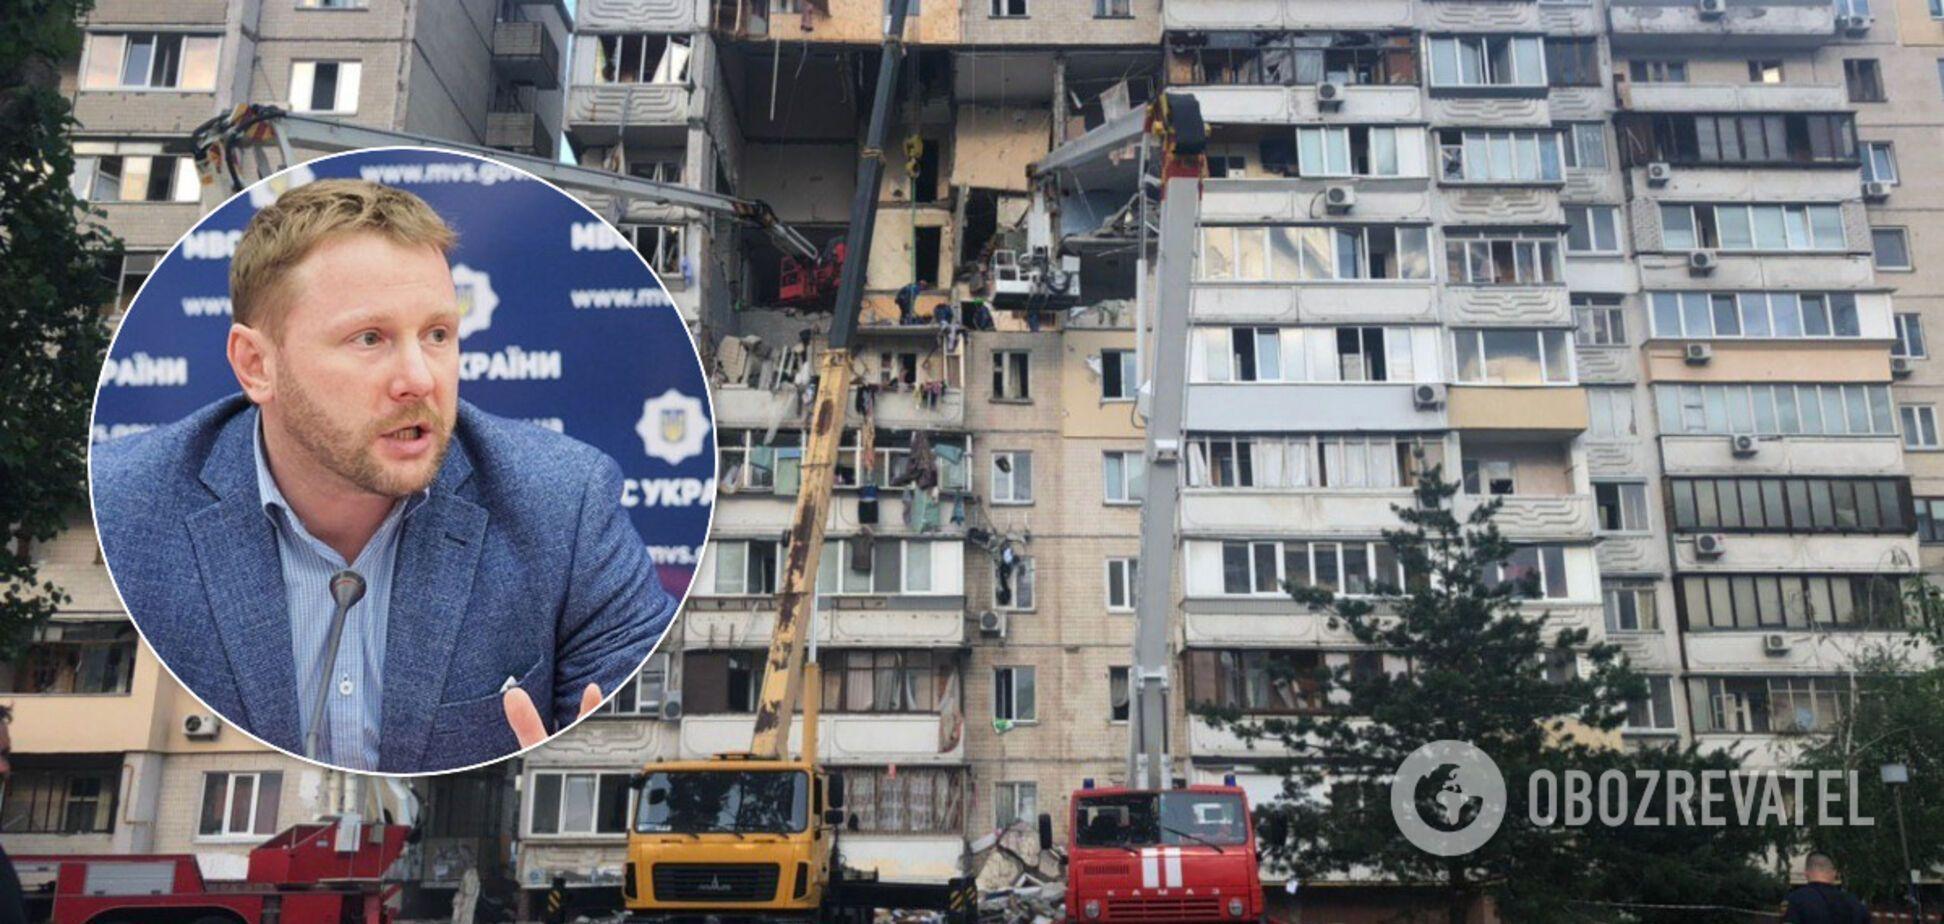 Артем Шевченко рассказал об обысках в 'Киевгазе'